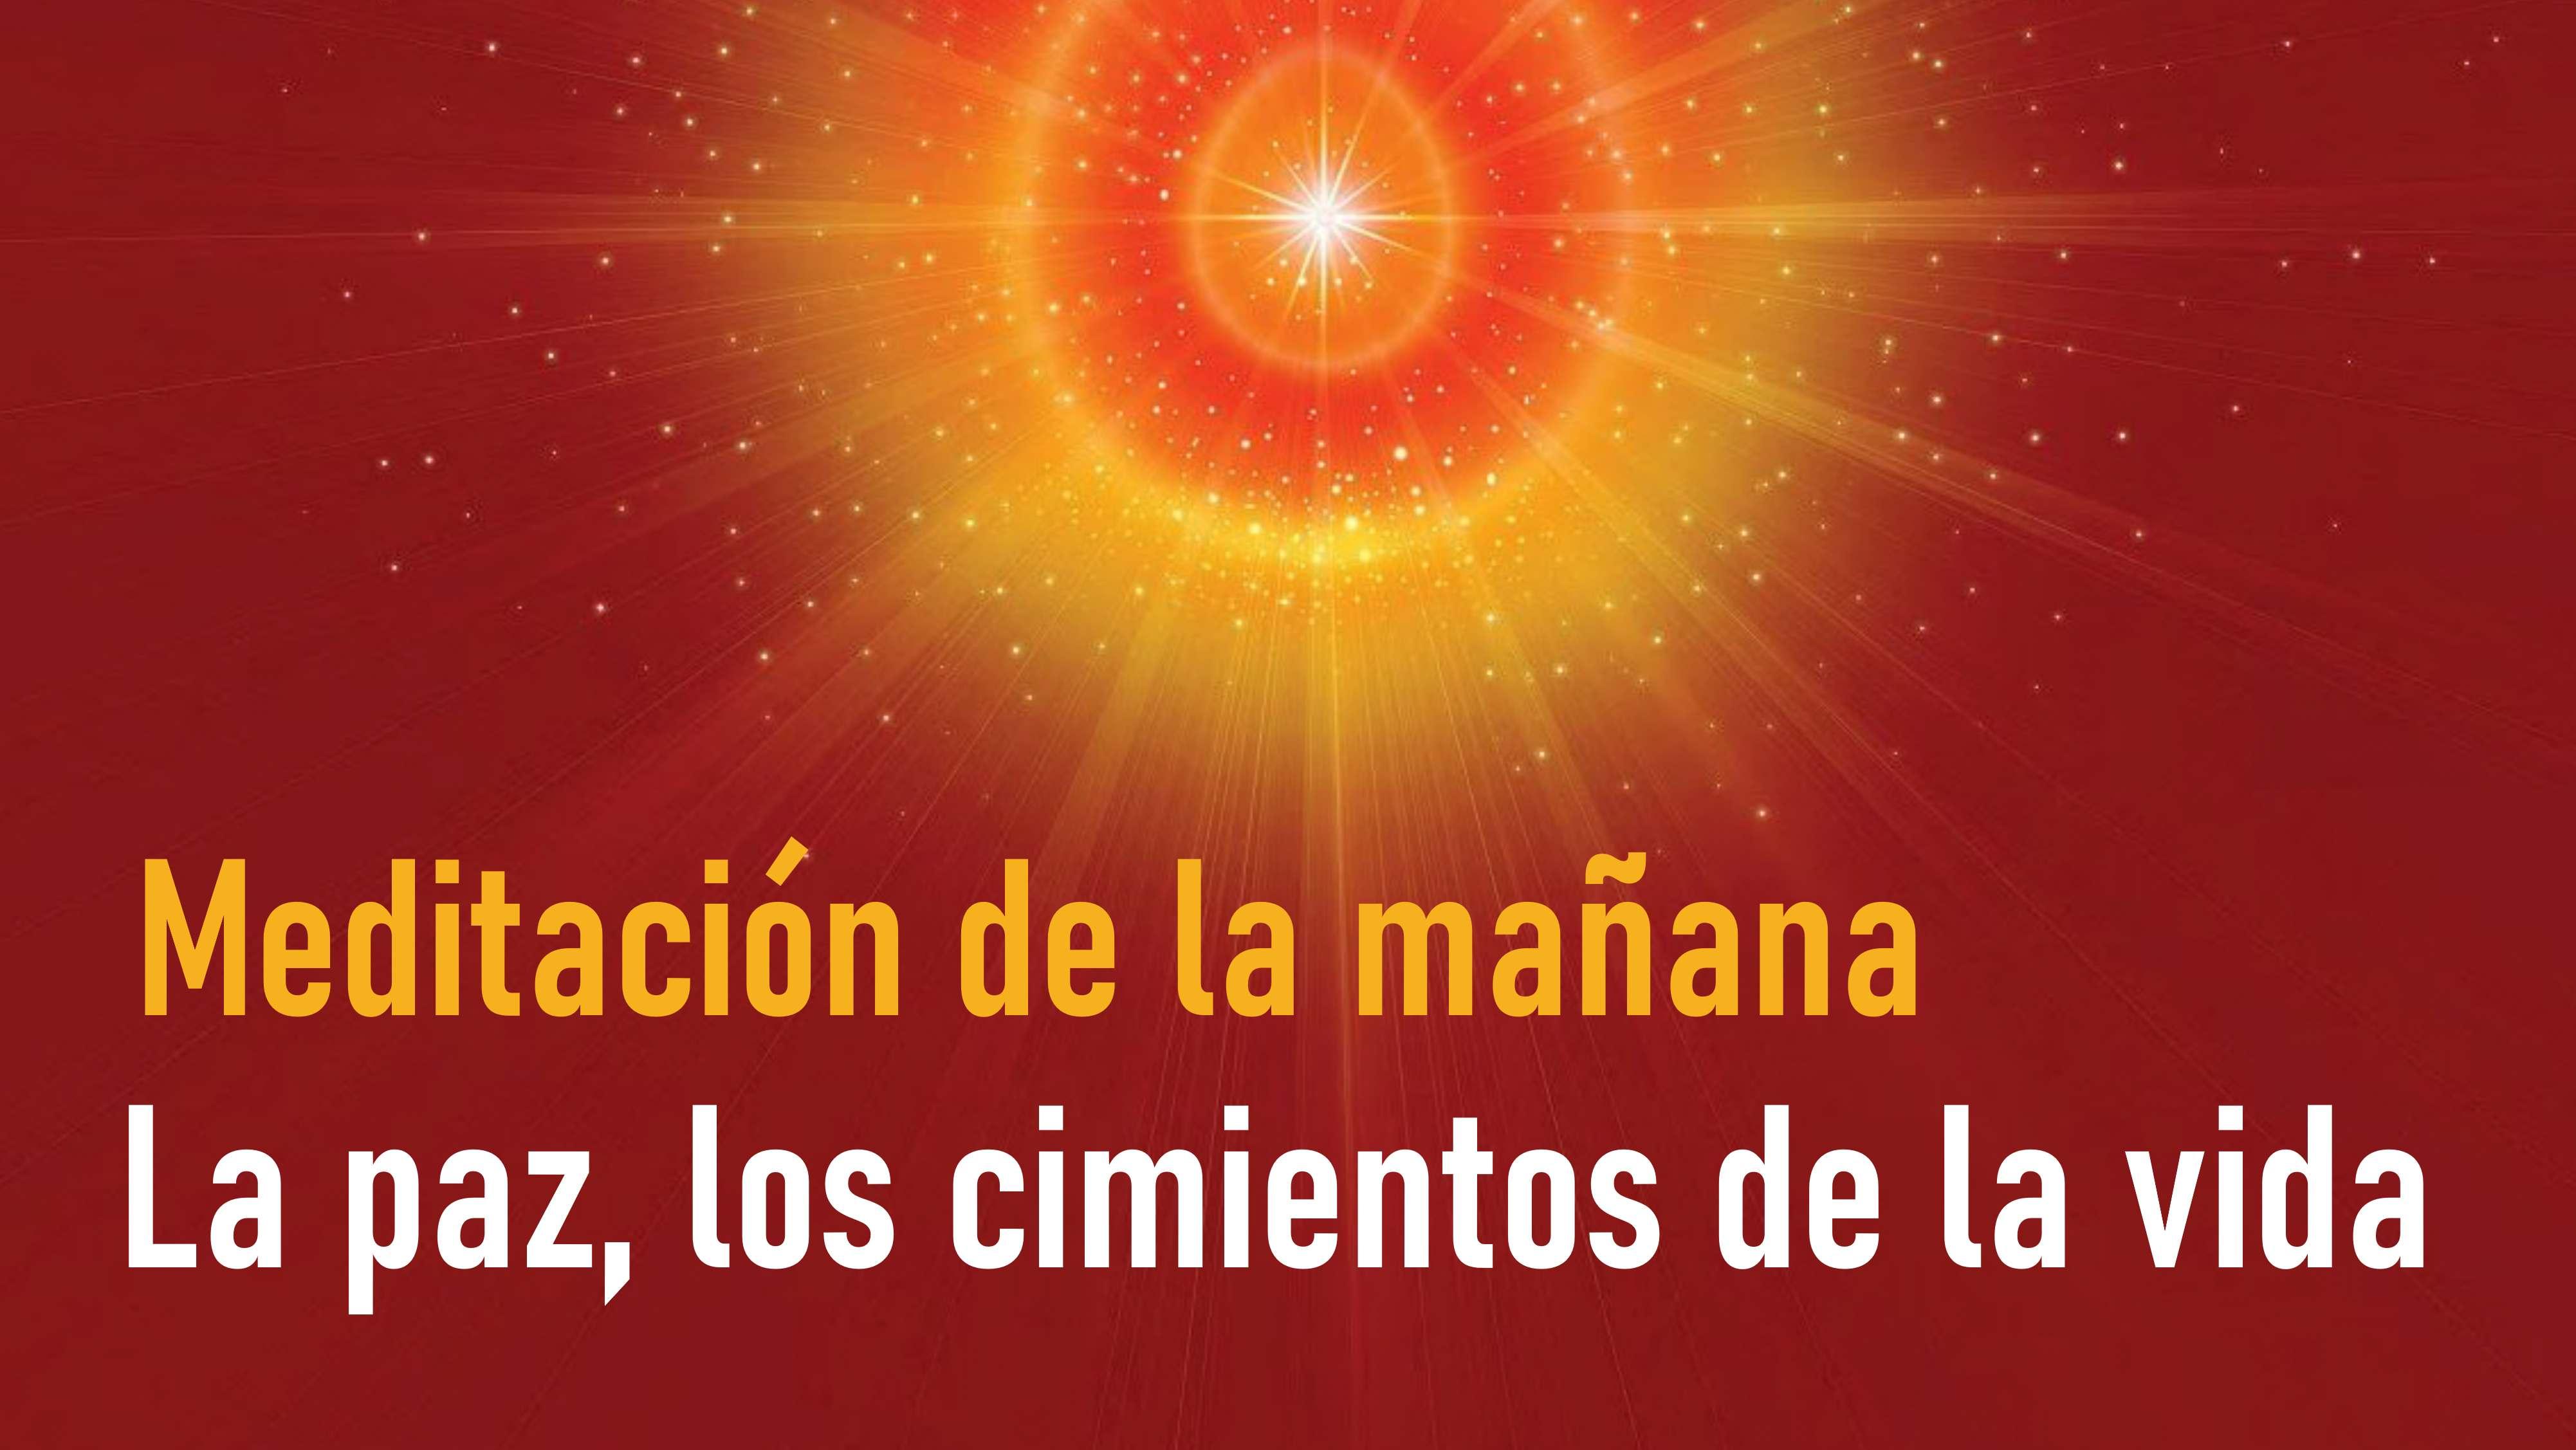 Meditación de la mañana: La paz, los cimientos de la vida (17 Agosto 2020)